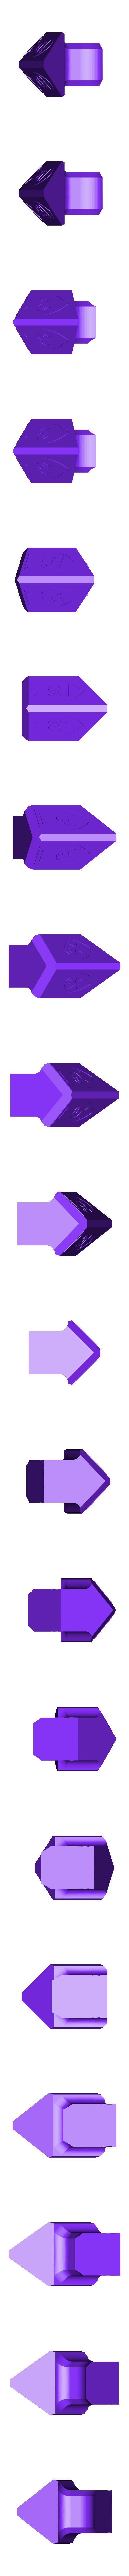 SWORD_CORE_TOP_spike.stl Télécharger fichier STL gratuit Épée de flamme Wahammer 40k Custodes • Modèle à imprimer en 3D, Lance_Greene